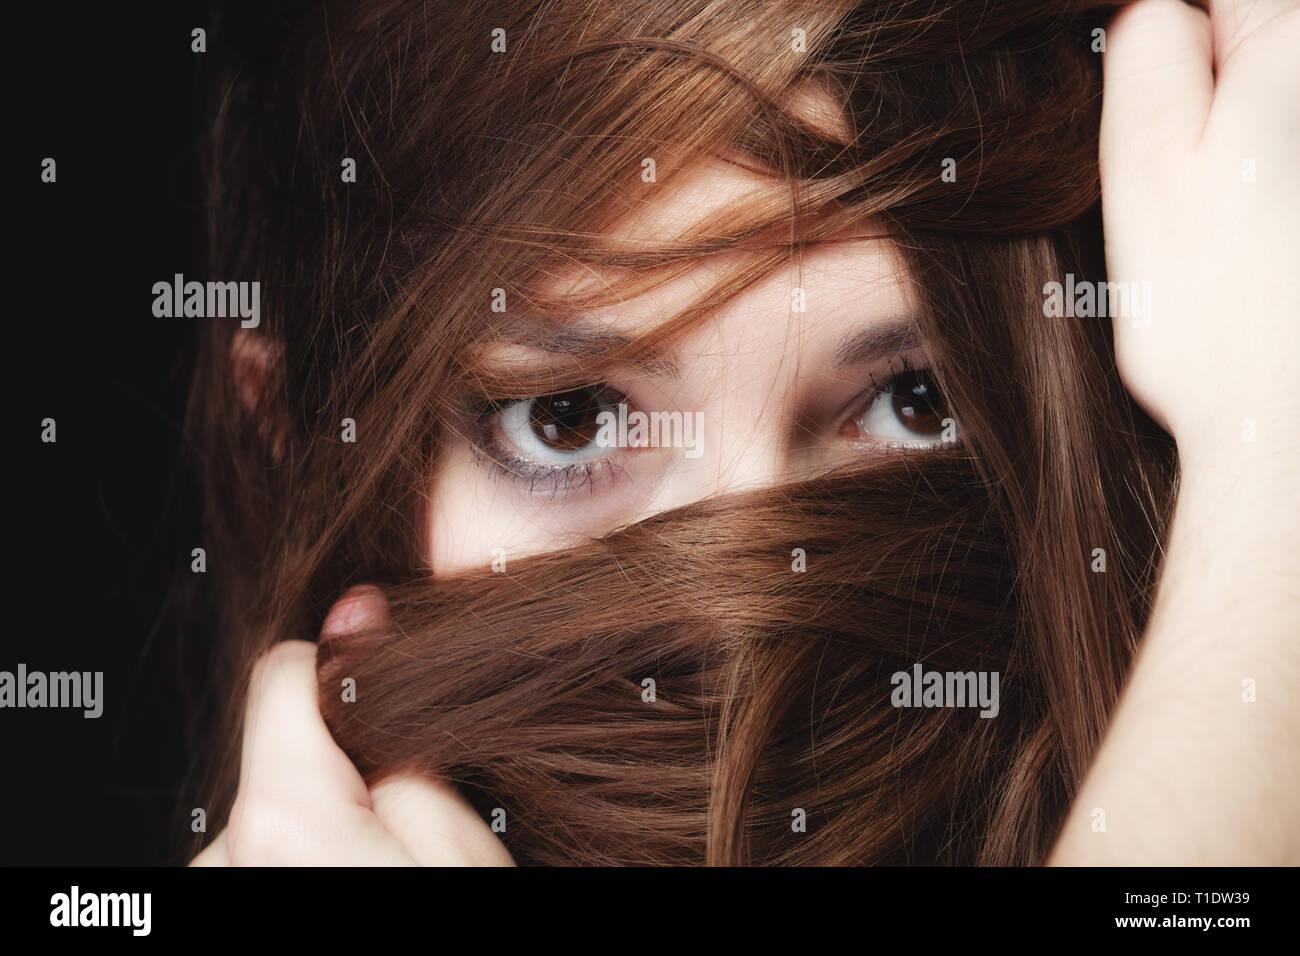 La solitude et l'anxiété stress femmes concept. Closeup portrait belle femme aux cheveux sombres, teen girl covering face par de longs poils bruns sur noir Banque D'Images